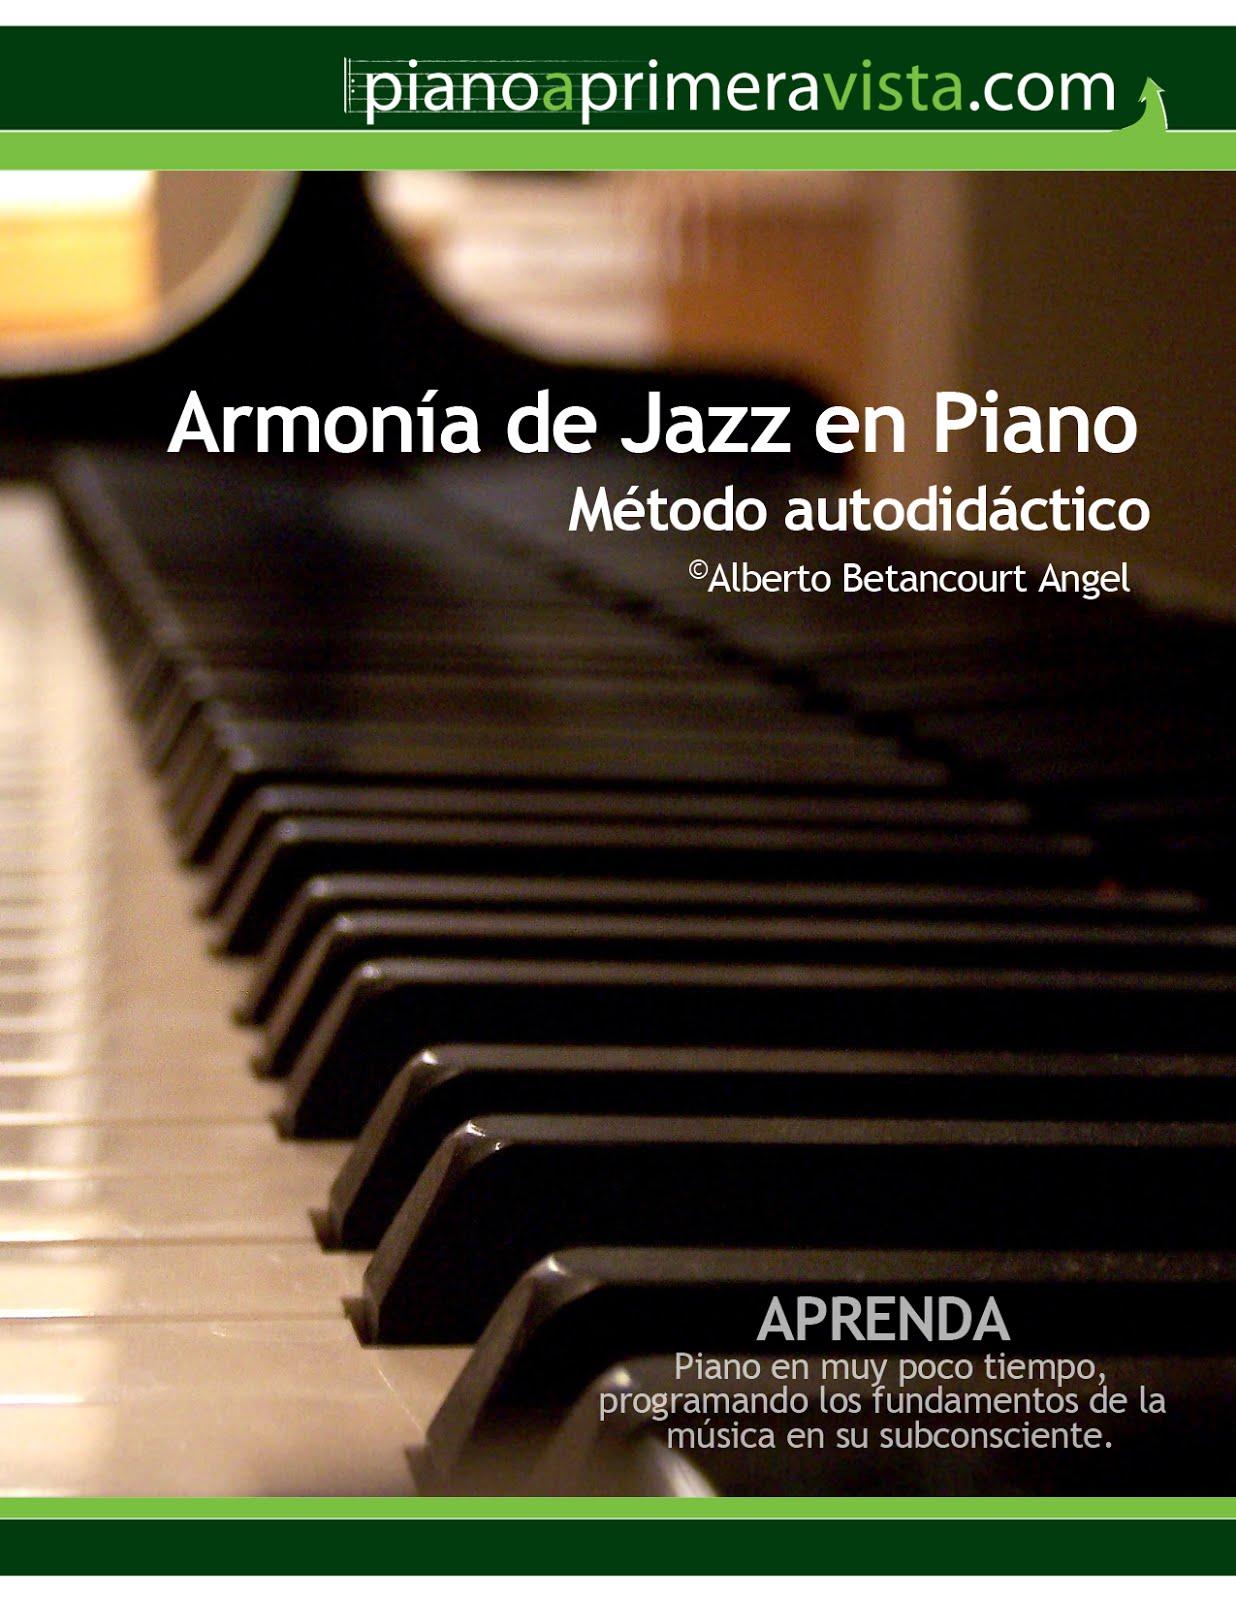 Armonía de Jazz